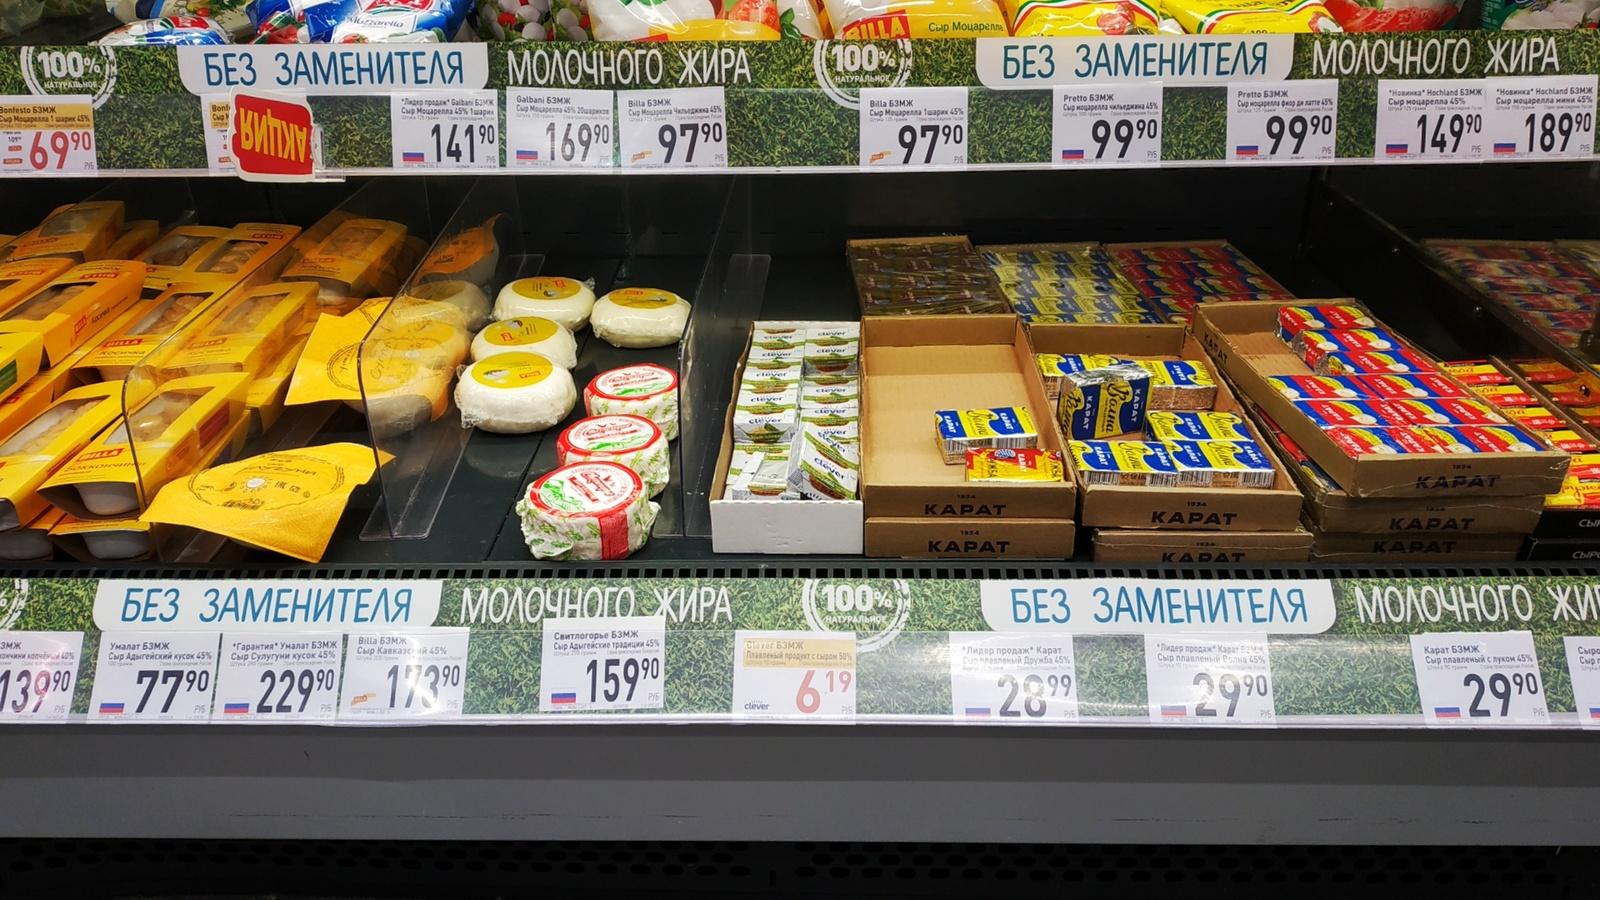 Как вернуть сыр в магазин если не понравился